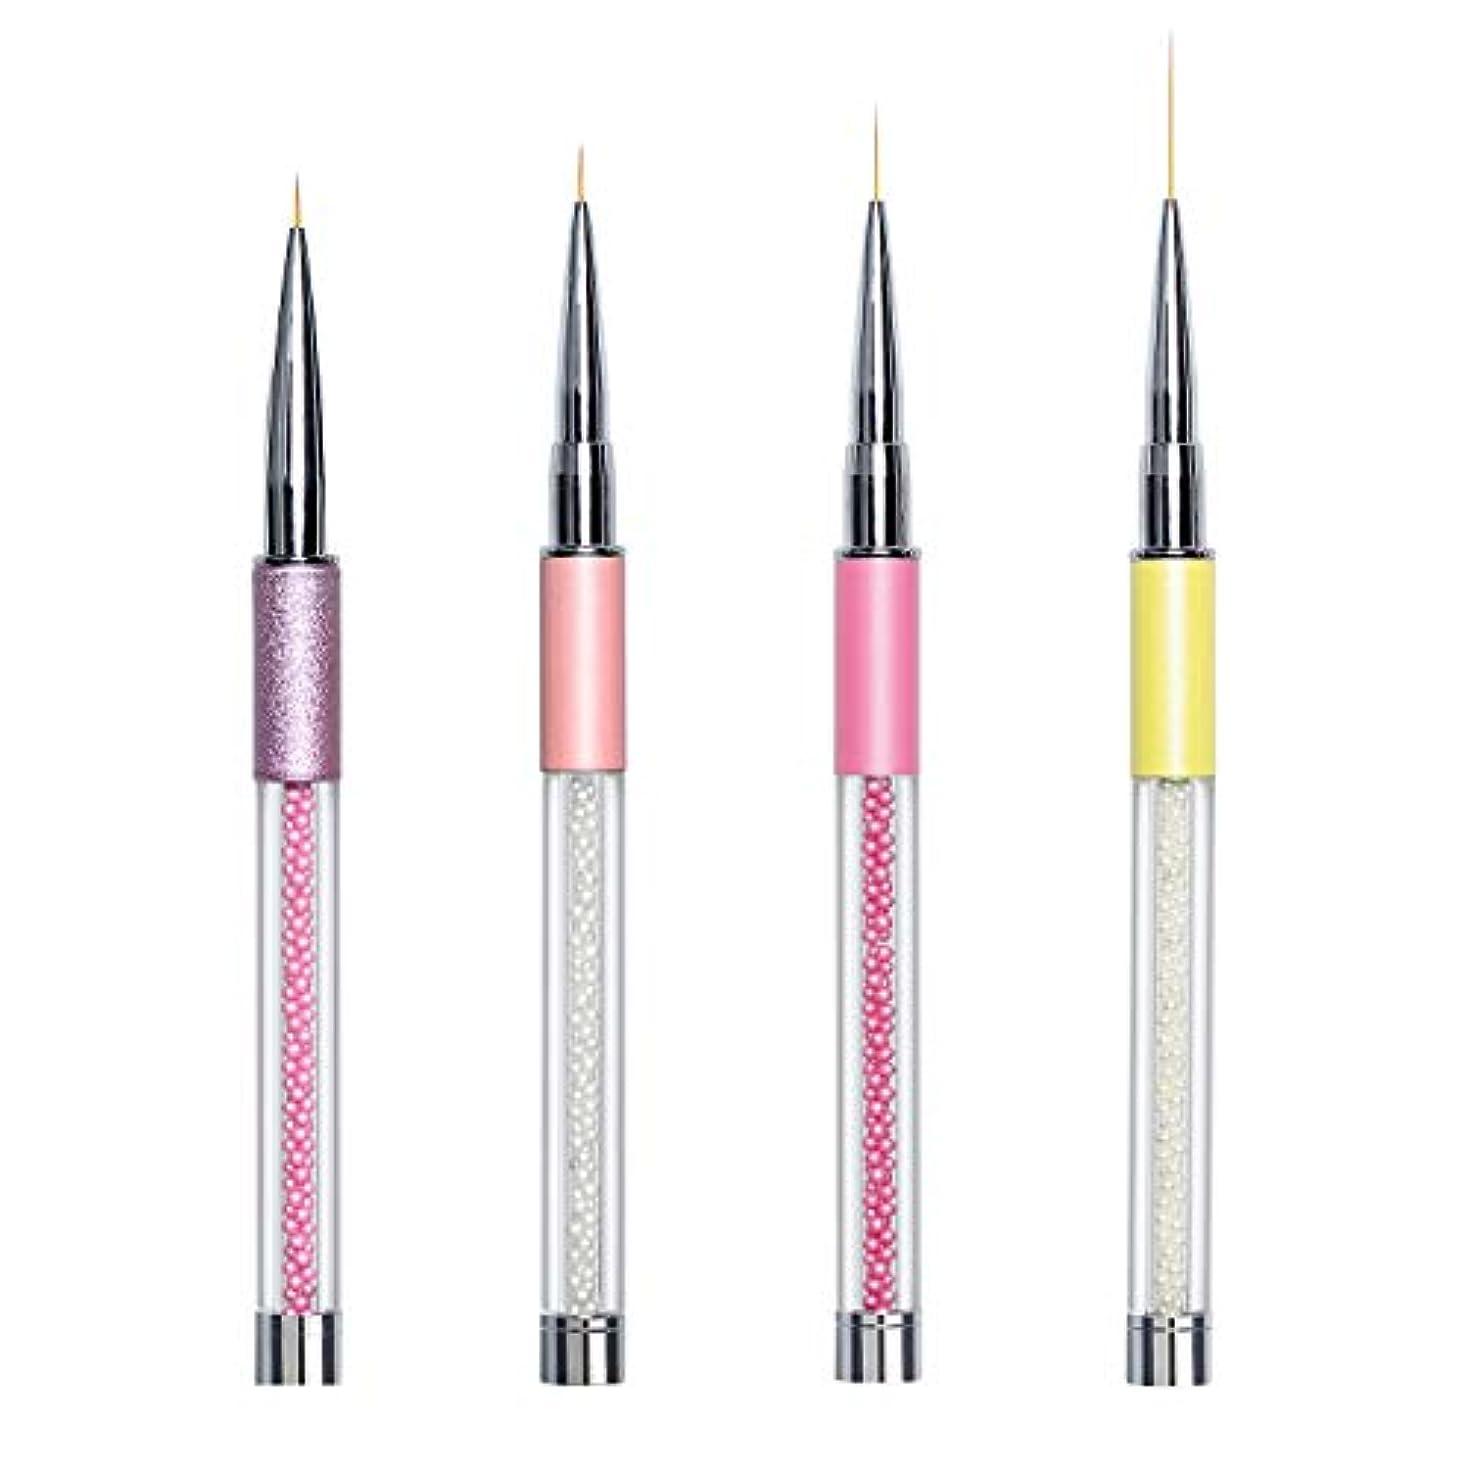 たっぷりありふれたジョージエリオットZhichengbosi ネールアートペン ネールブラシセット マニキュアツールキット 高品質 ネイルデザイン ドットペン 4本セット(細いセット)